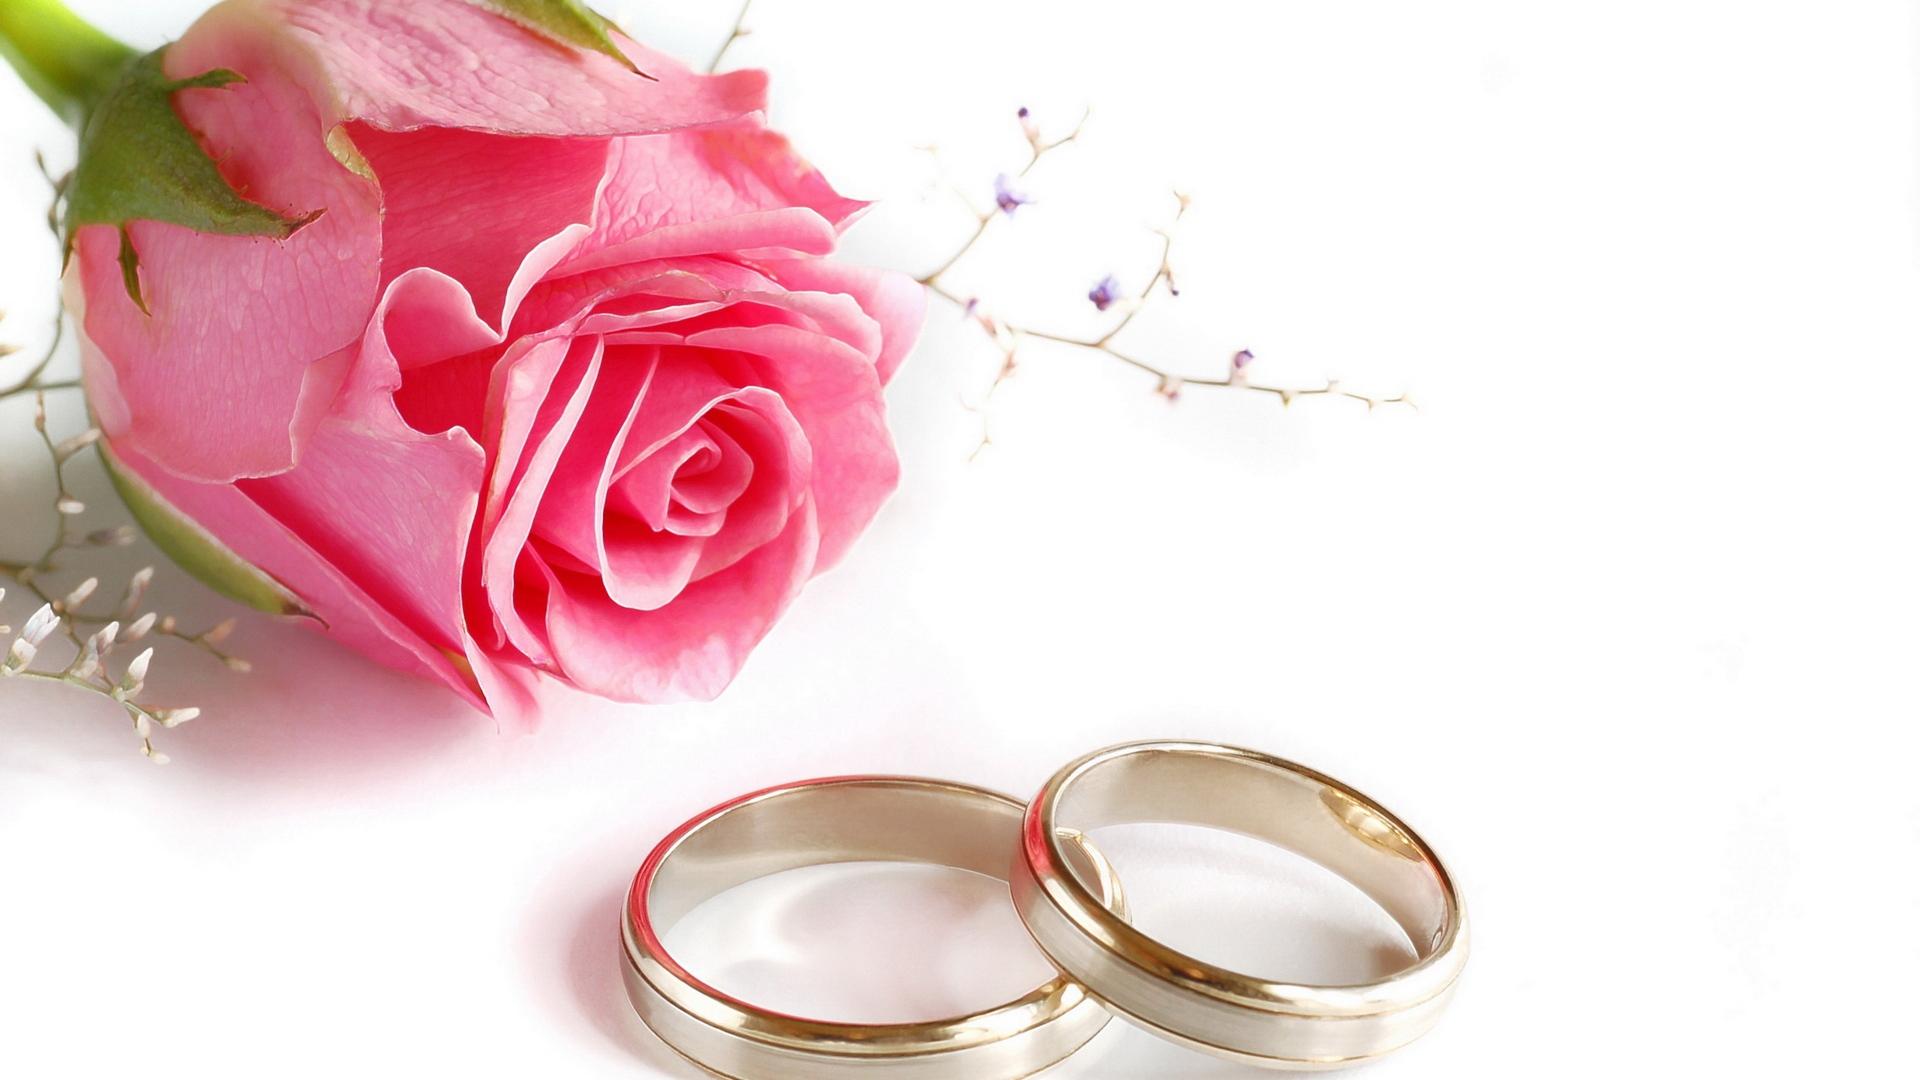 Download Wallpaper 1920x1080 wedding, rings, rose Full HD 1080p HD ...